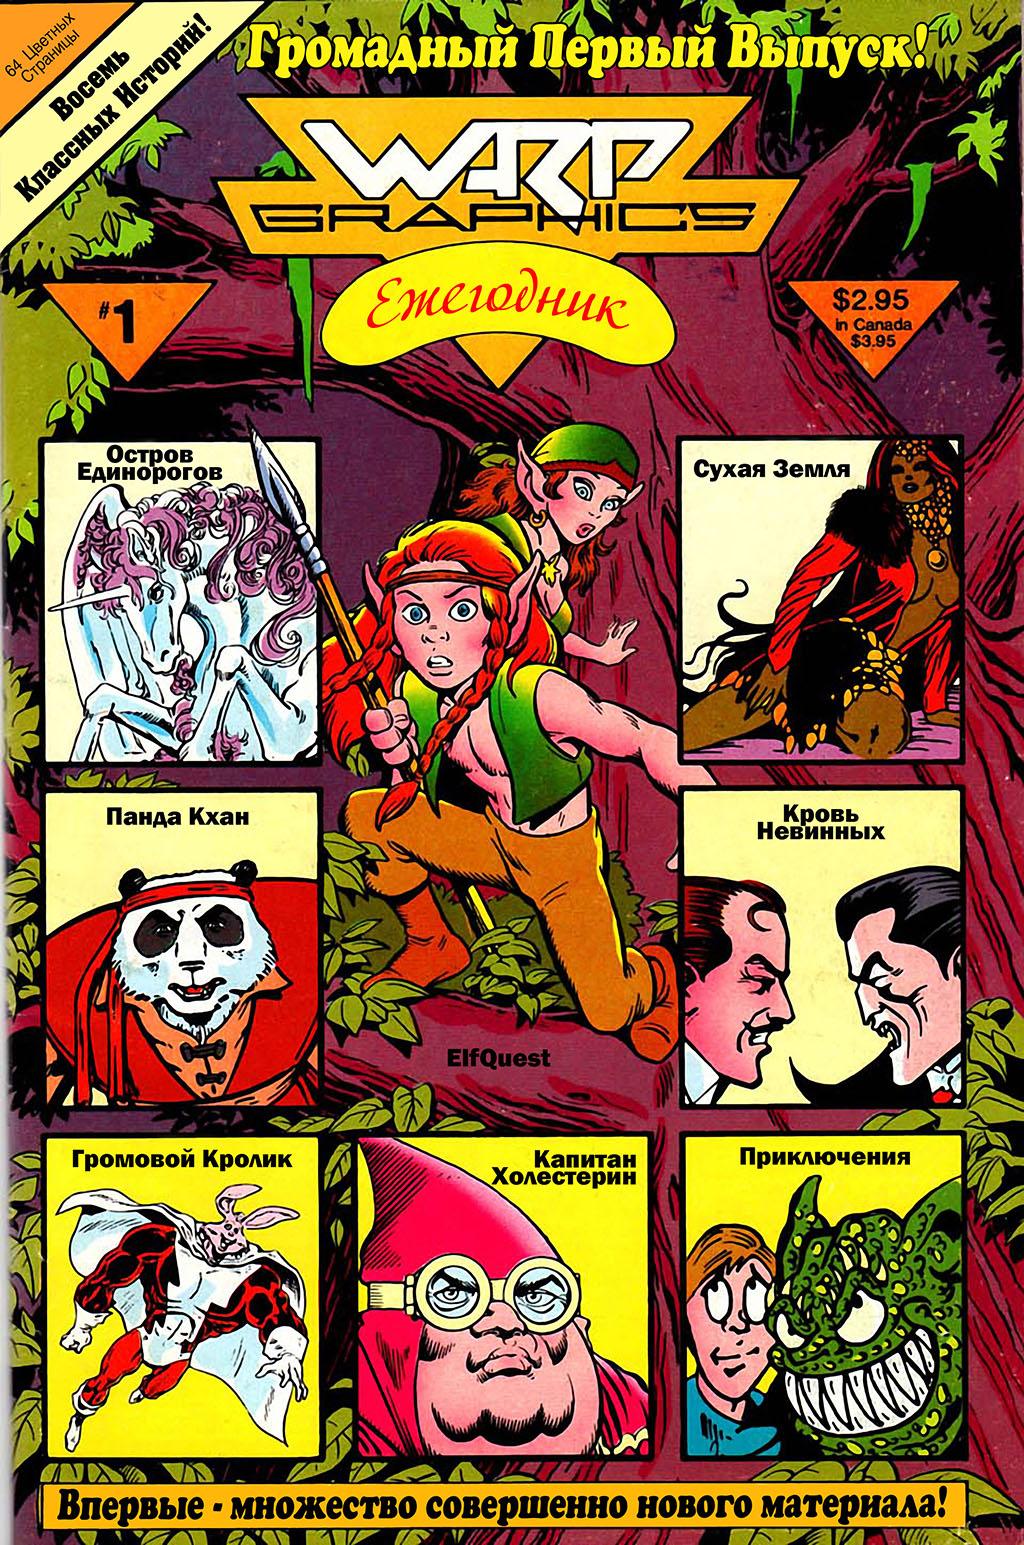 Комикс Сага о Лесных Всадниках: Храбрость, как ее не назови...